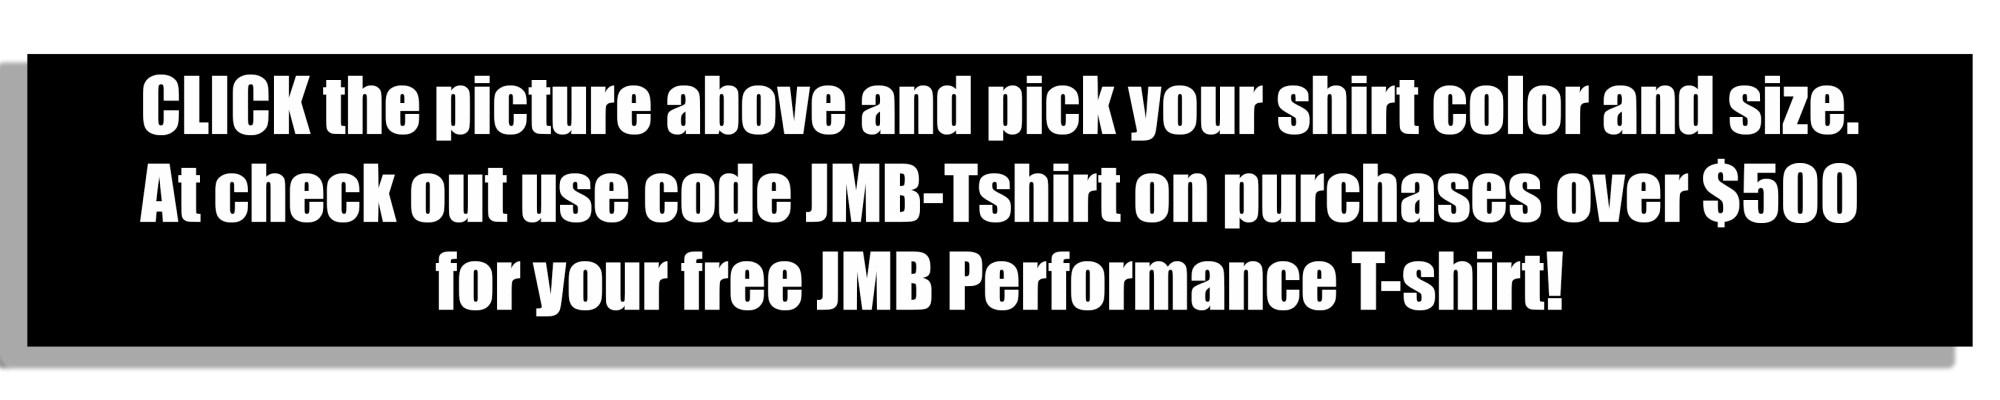 hight resolution of shirtsalebanner 2 shirt description